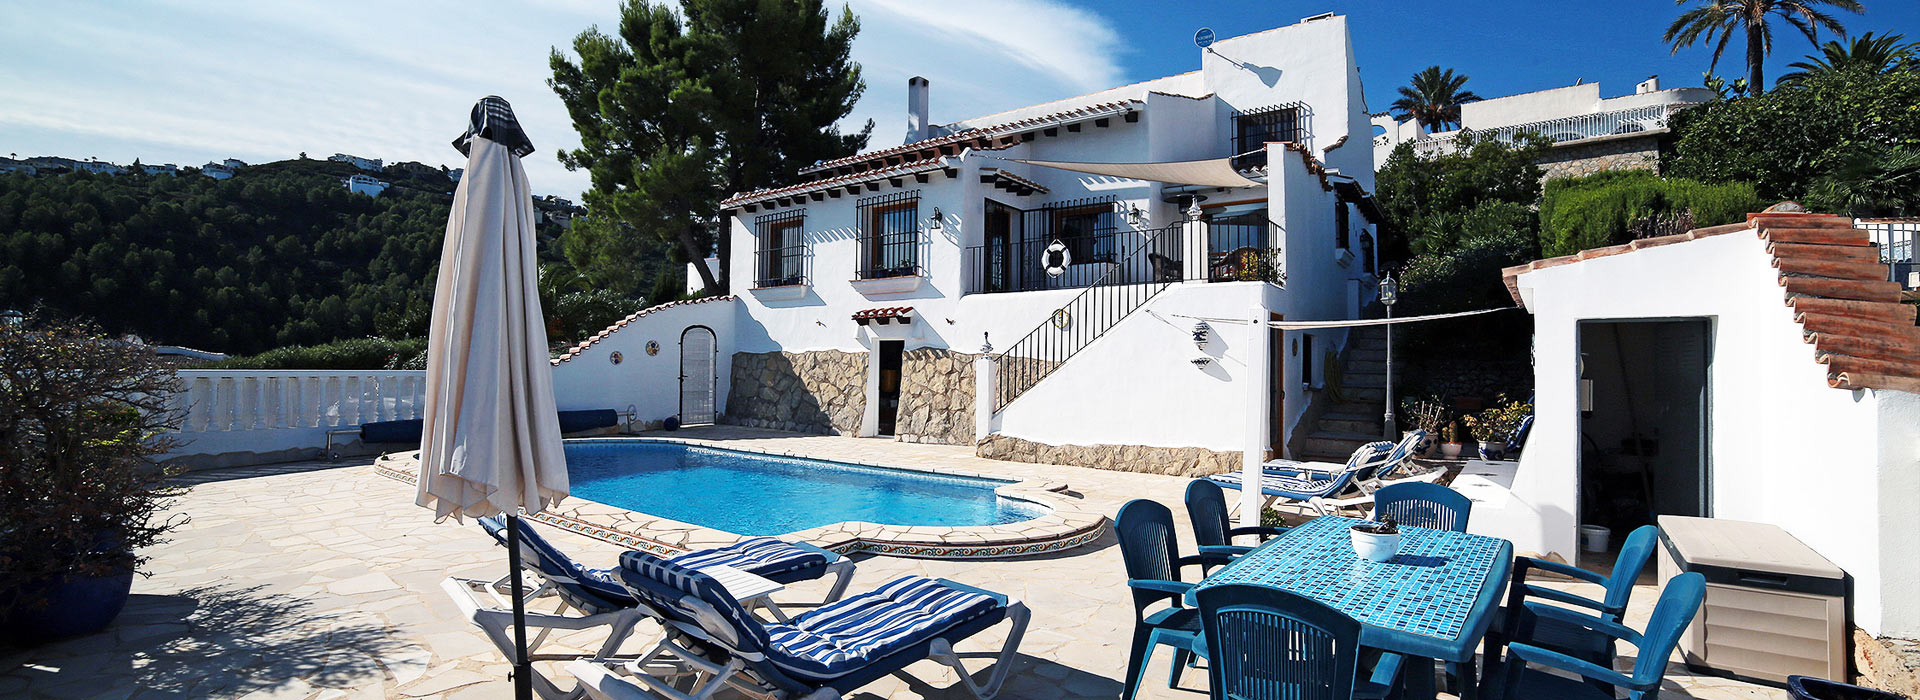 acb.immo - Villa de 4 chambres avec vue mer panoramique à Monte Pego, Dénia